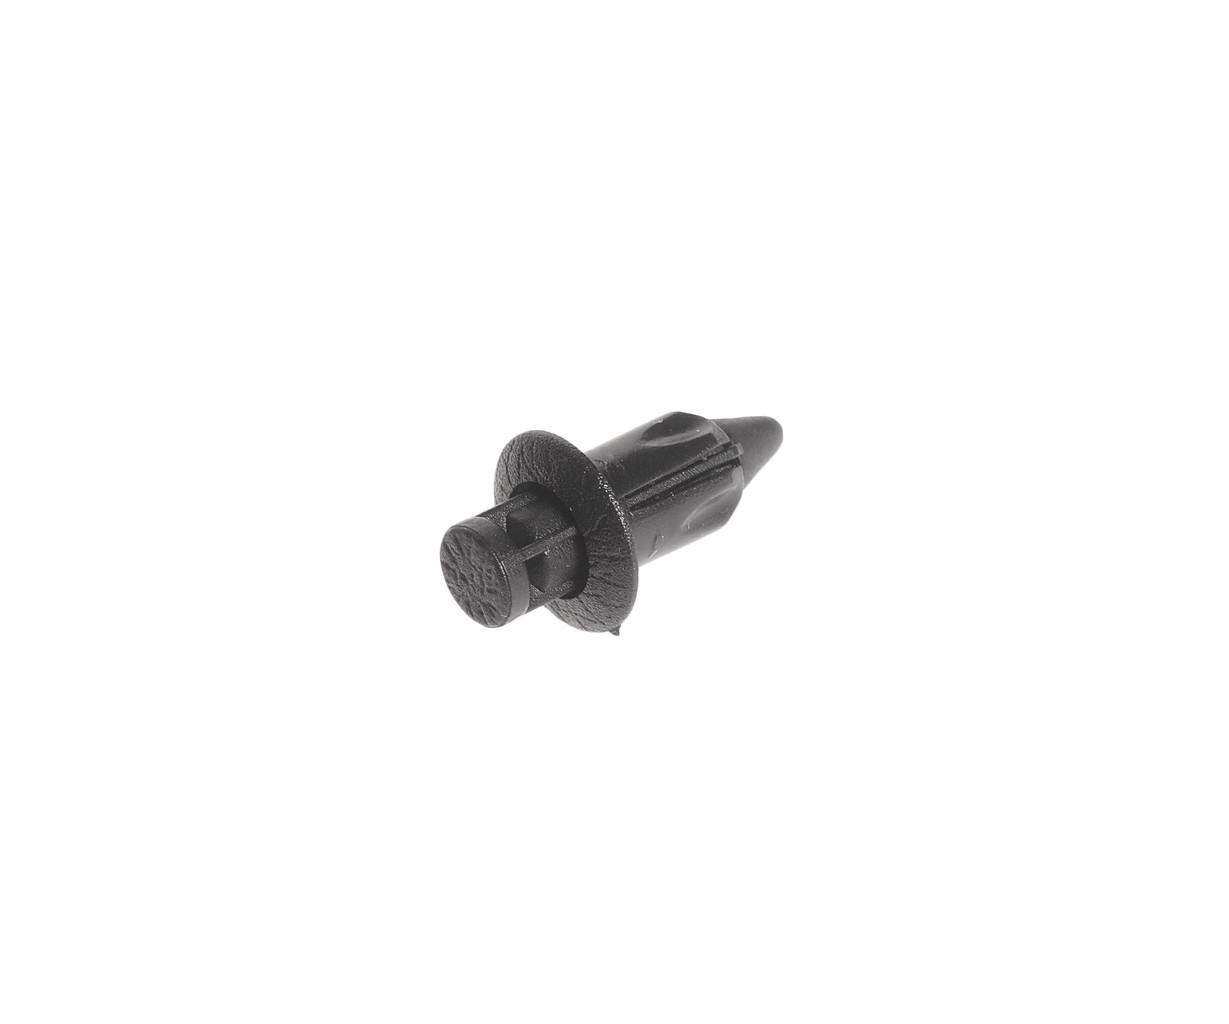 Автомобильная пластиковая клипса (кожуг радиатора TOYOTA) ( уп. 100шт.) (RD47 JTC)